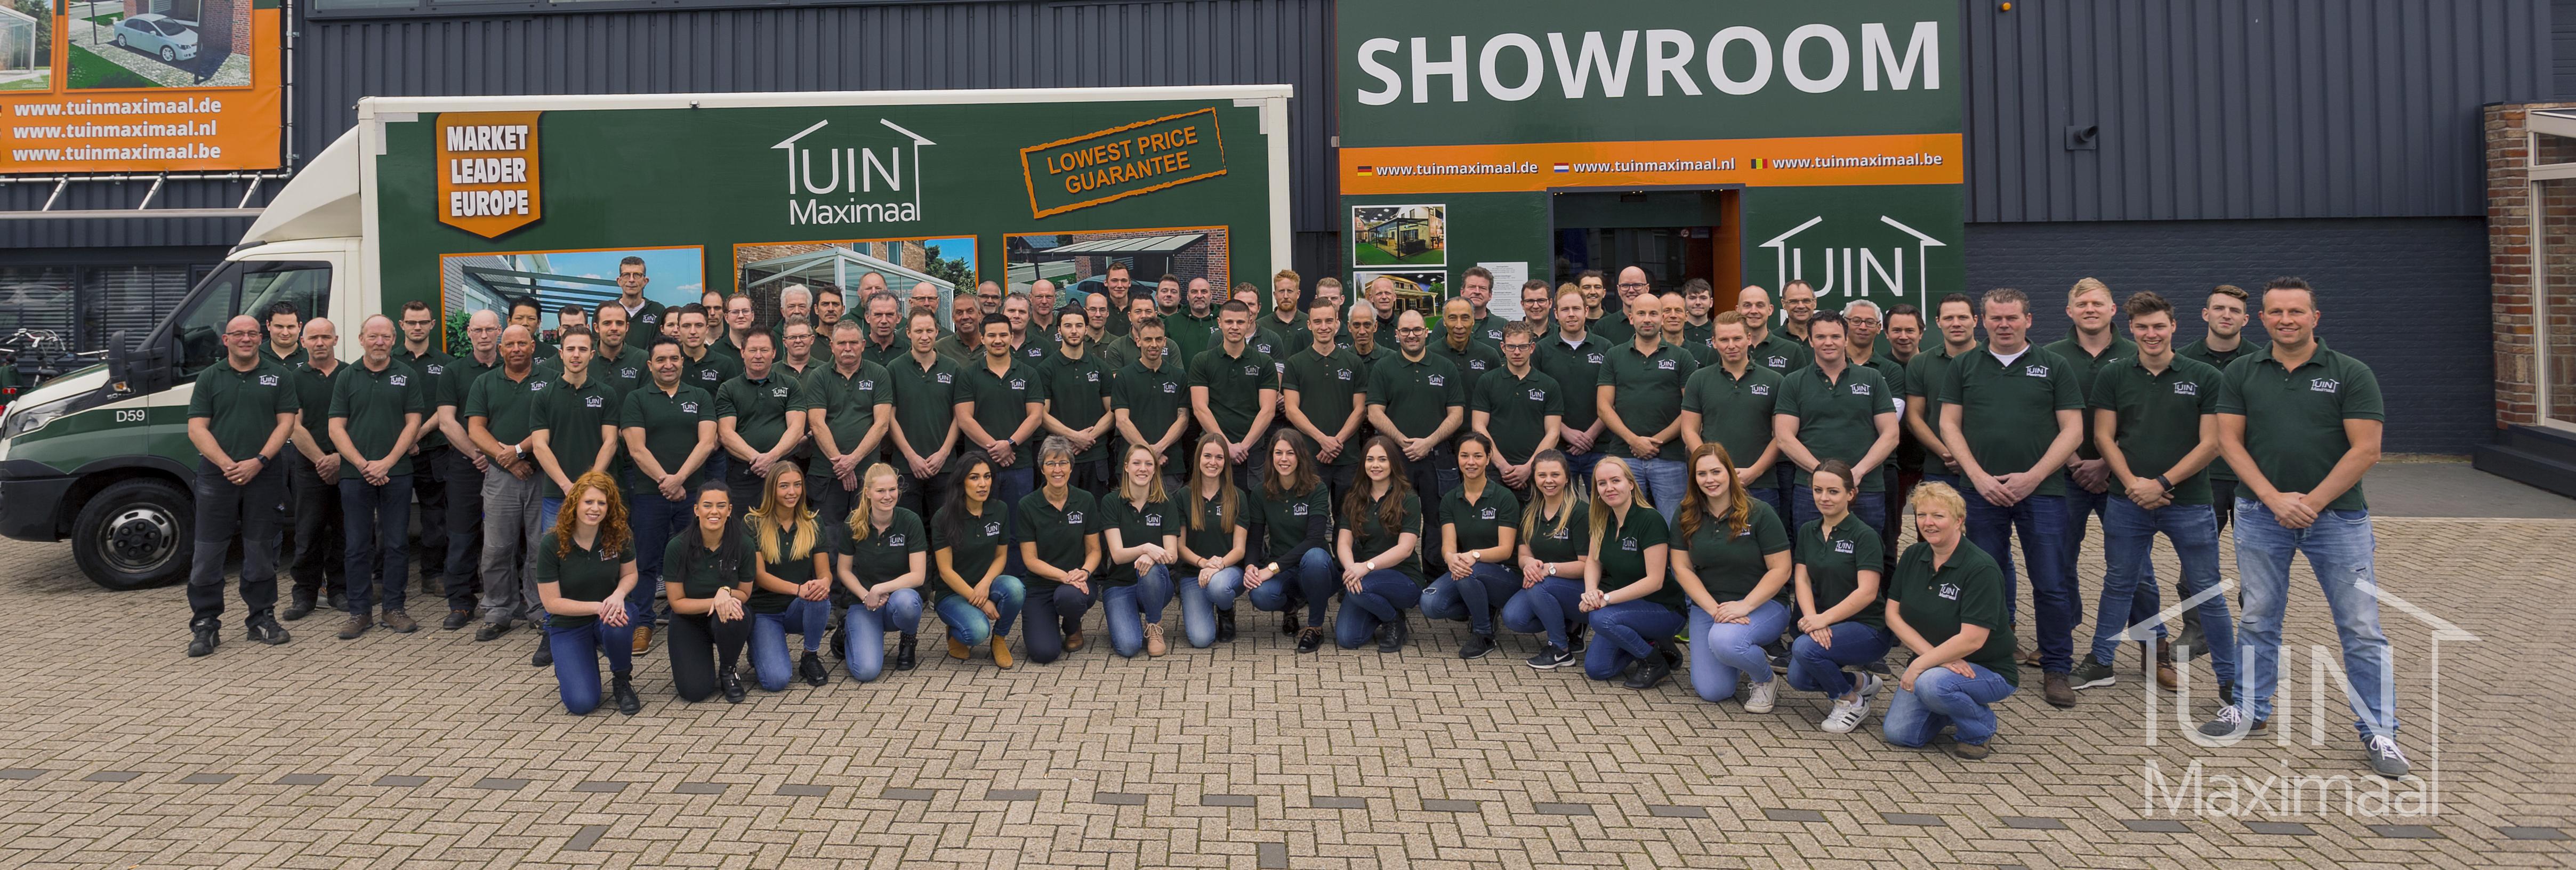 team von tuinmaximaal